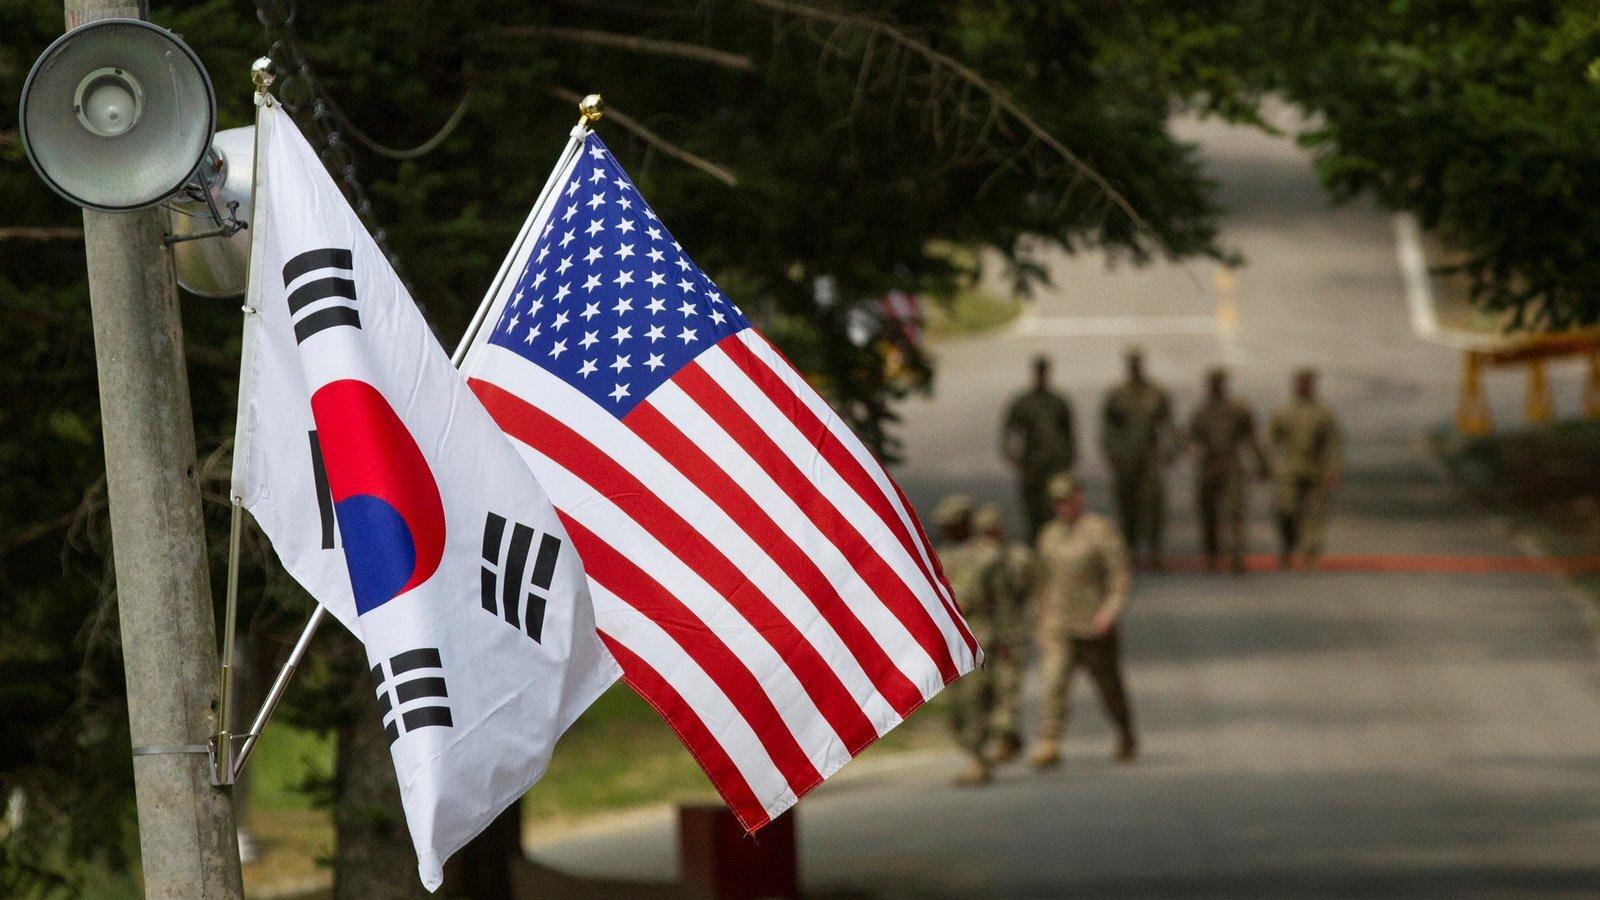 وزيرا خارجية أمريكا وكوريا الجنوبية يناقشان الأوضاع في كوريا الشمالية وميانمار